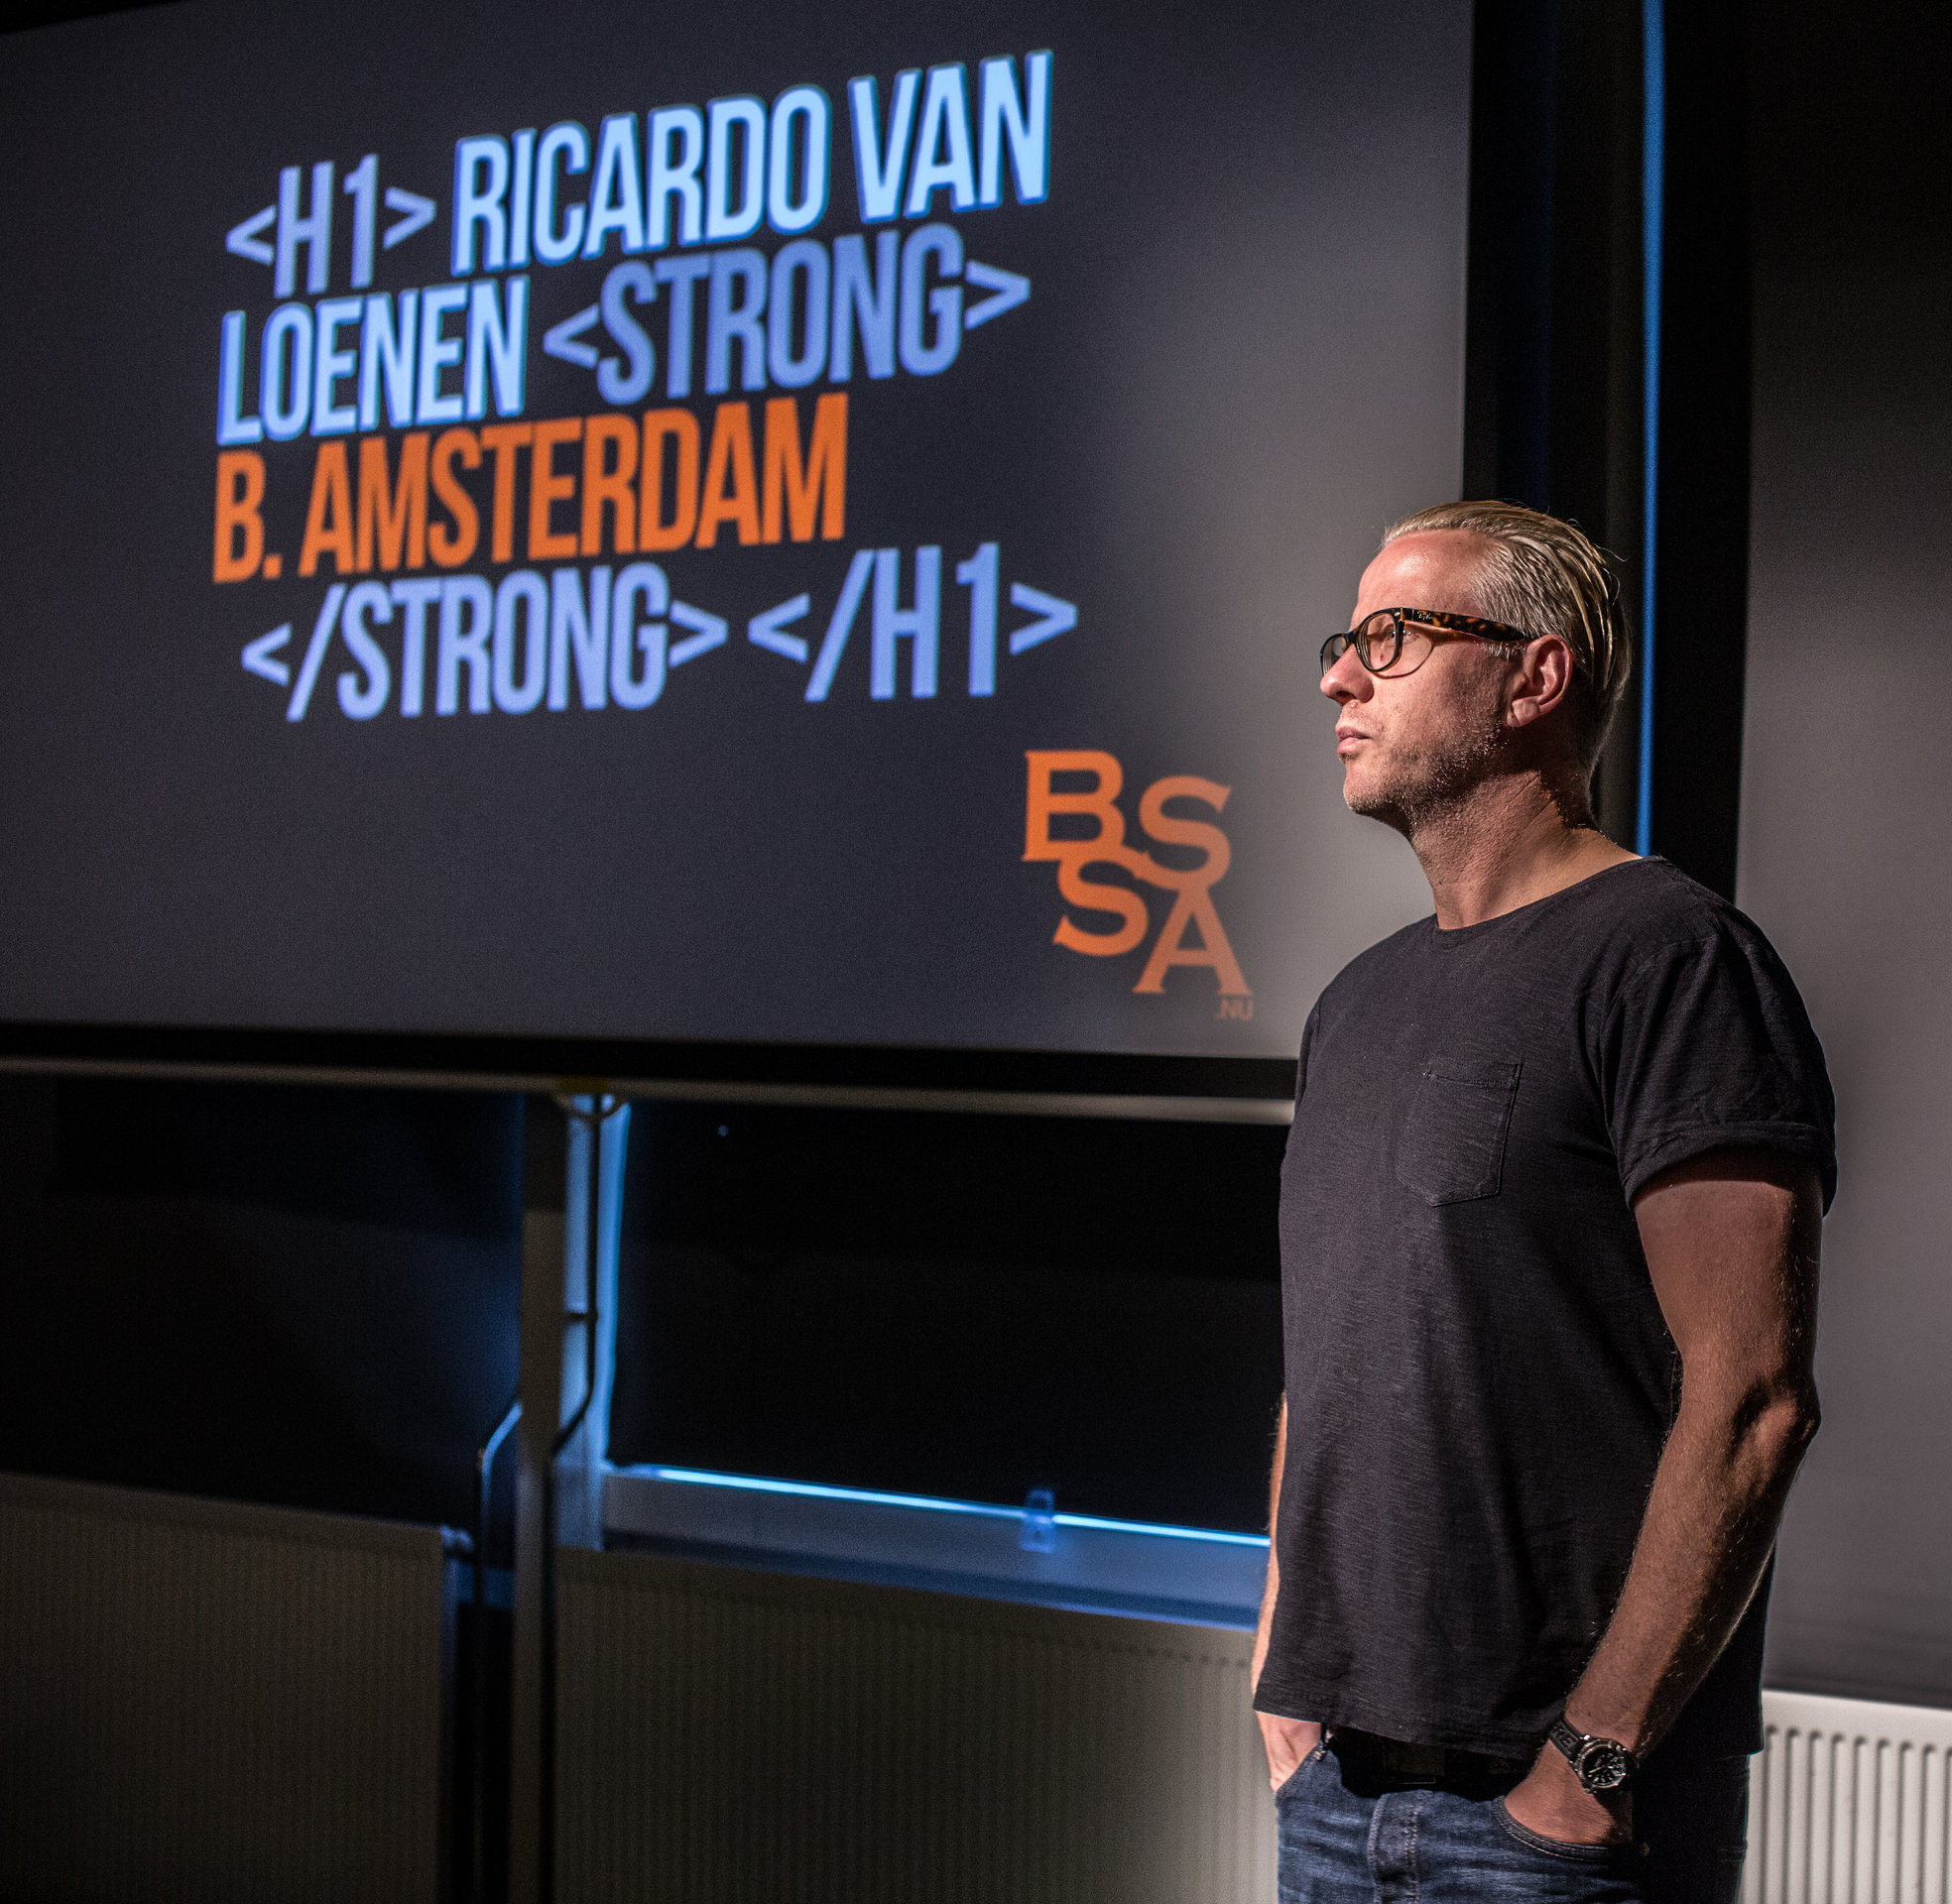 Bssa leidt op voor baan bij start up amsterdam economic for Amsterdam economica